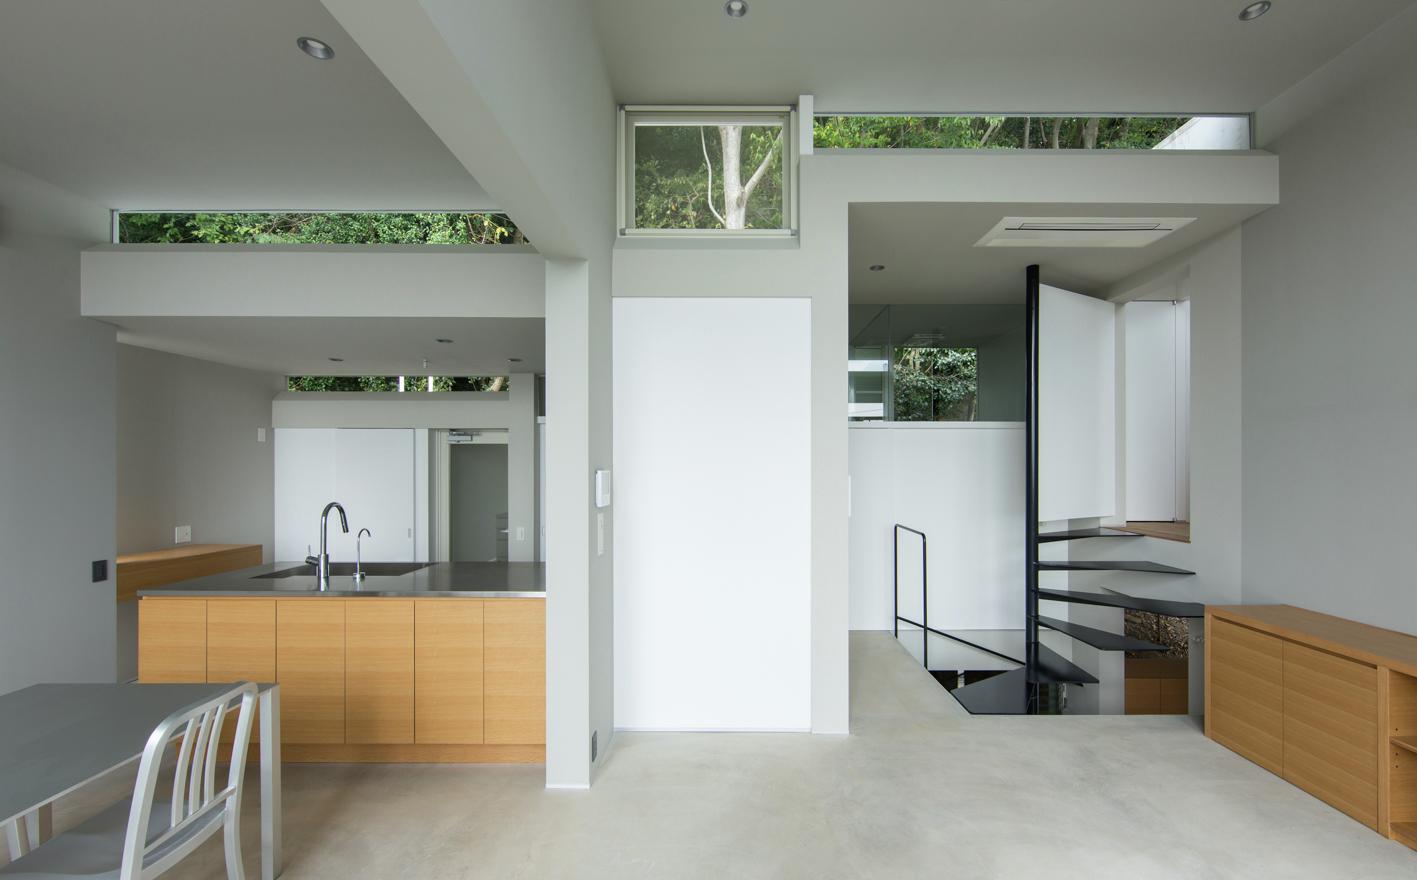 Galeria de casa deslizante y m design office 19 for Design office 4100